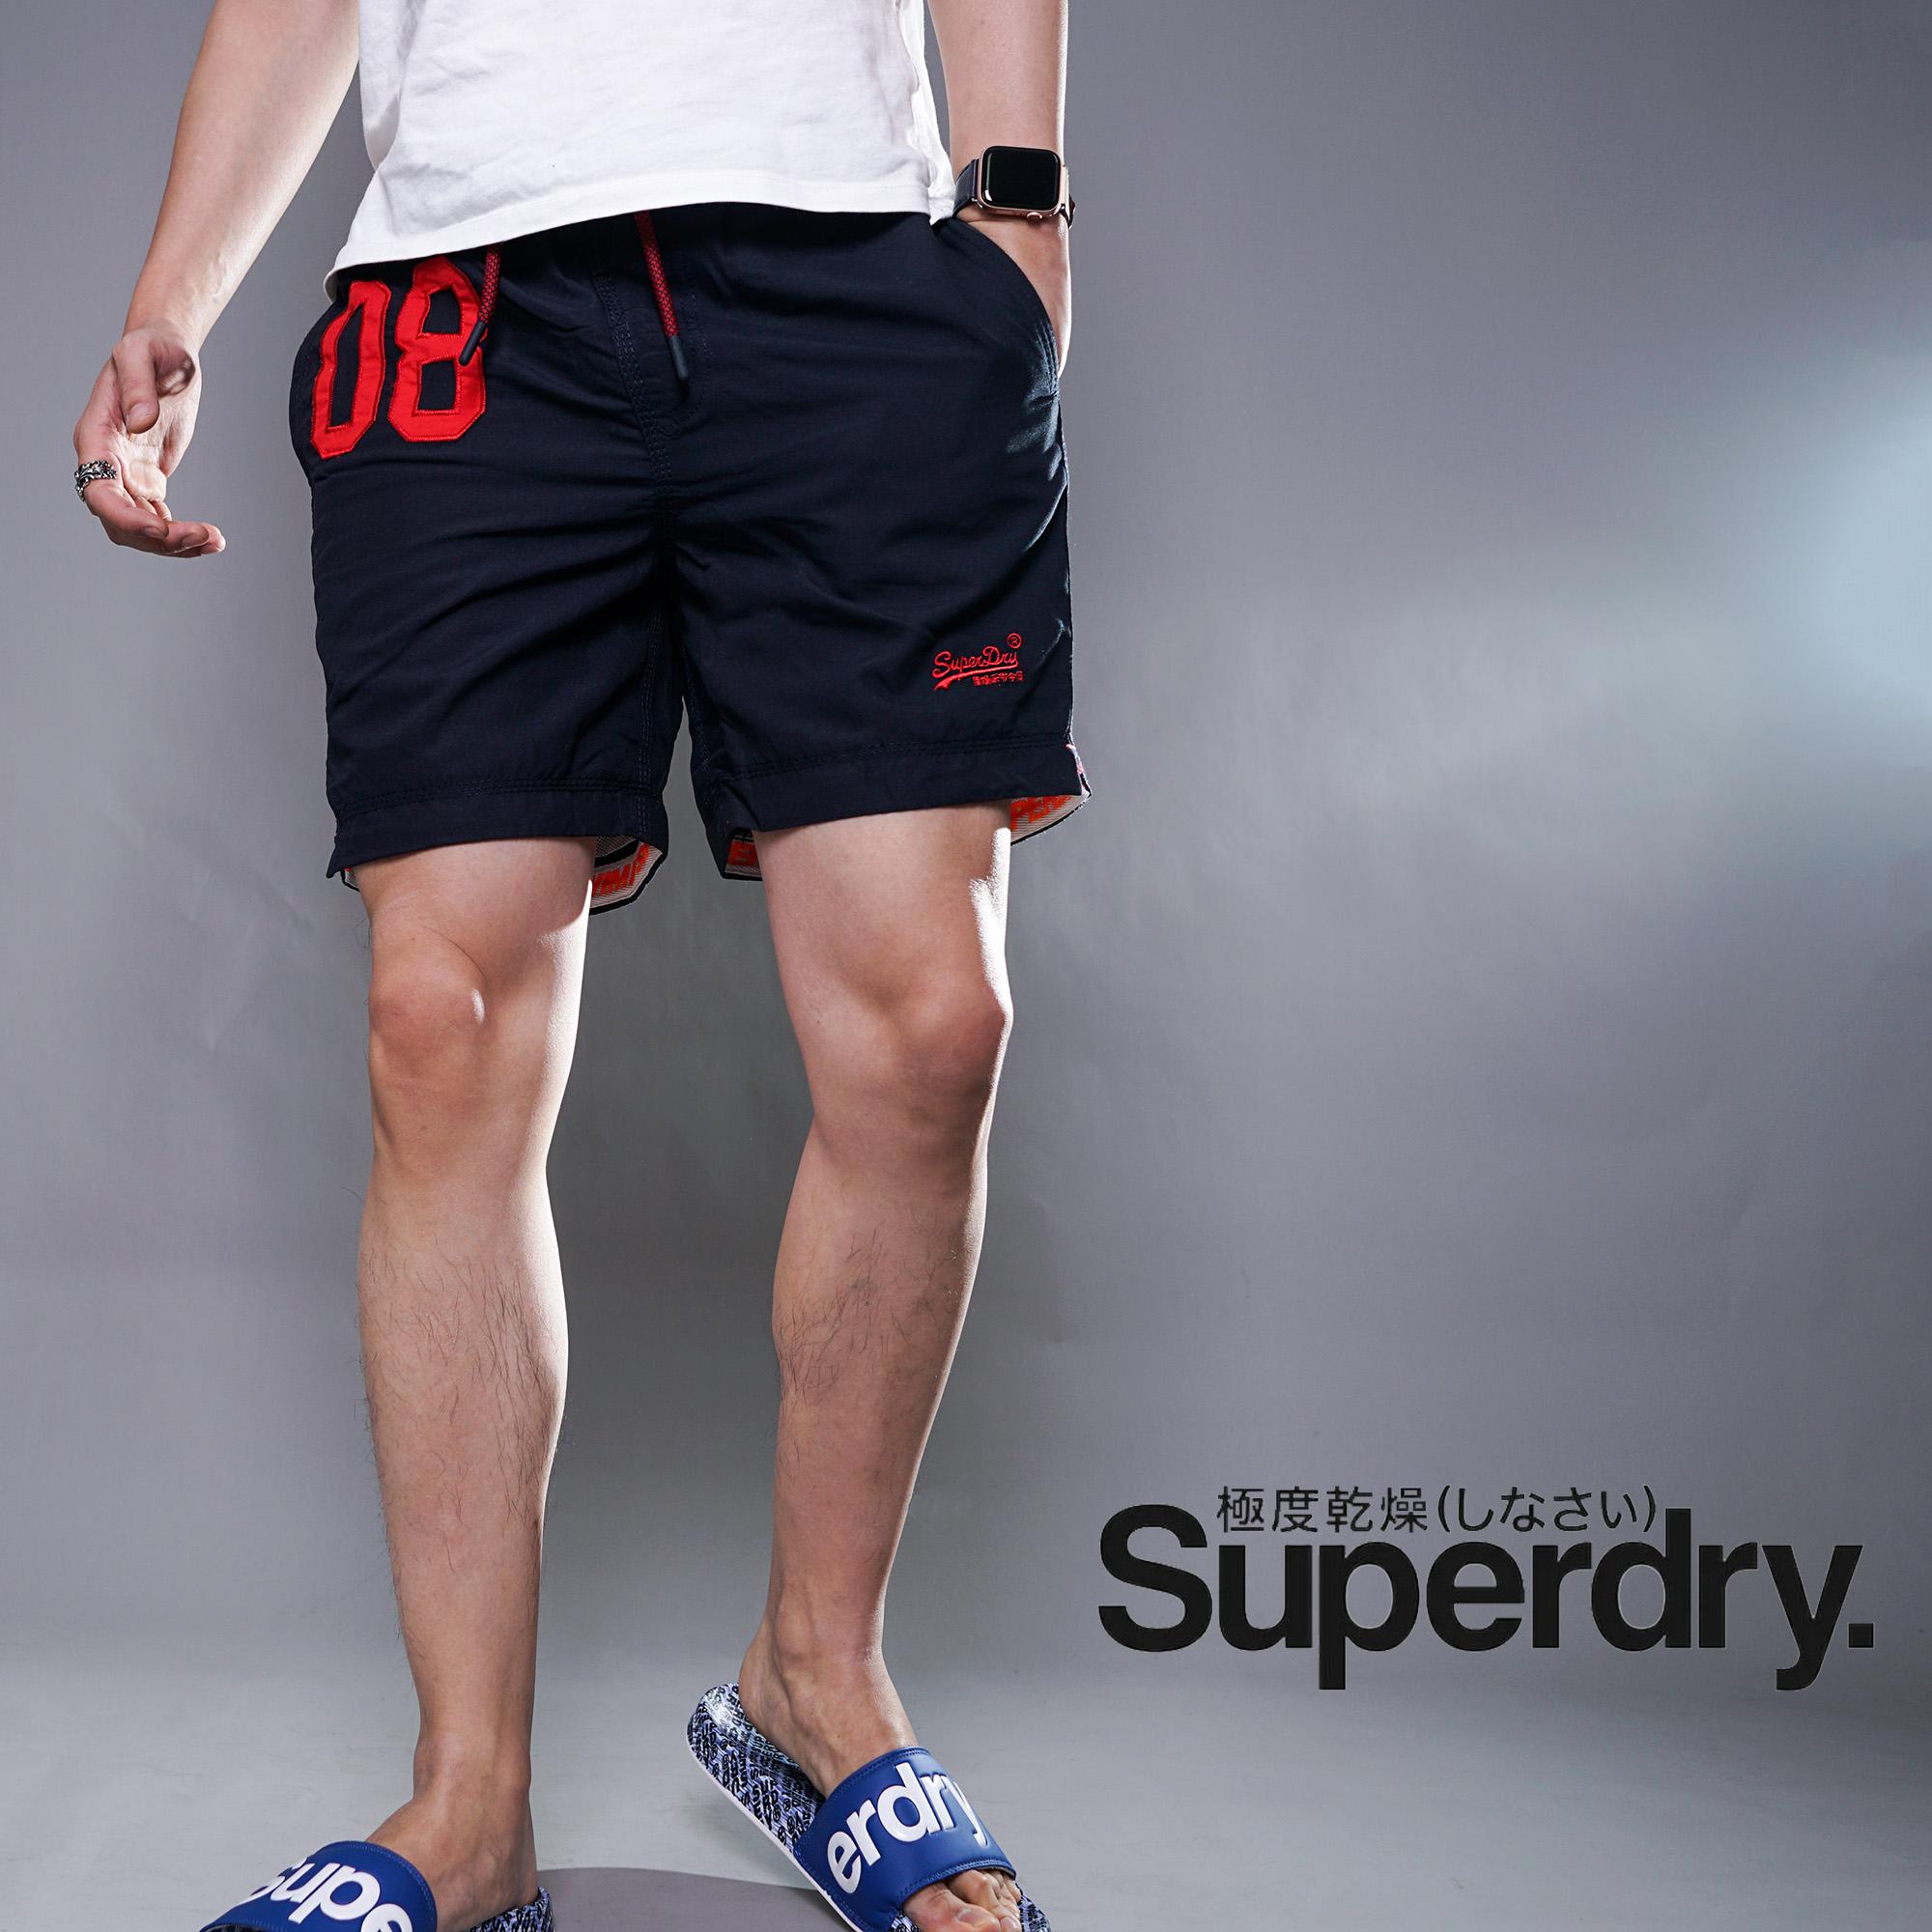 英国Superdry极度干燥新款男休闲抽绳内网眼游泳沙滩裤短裤现货